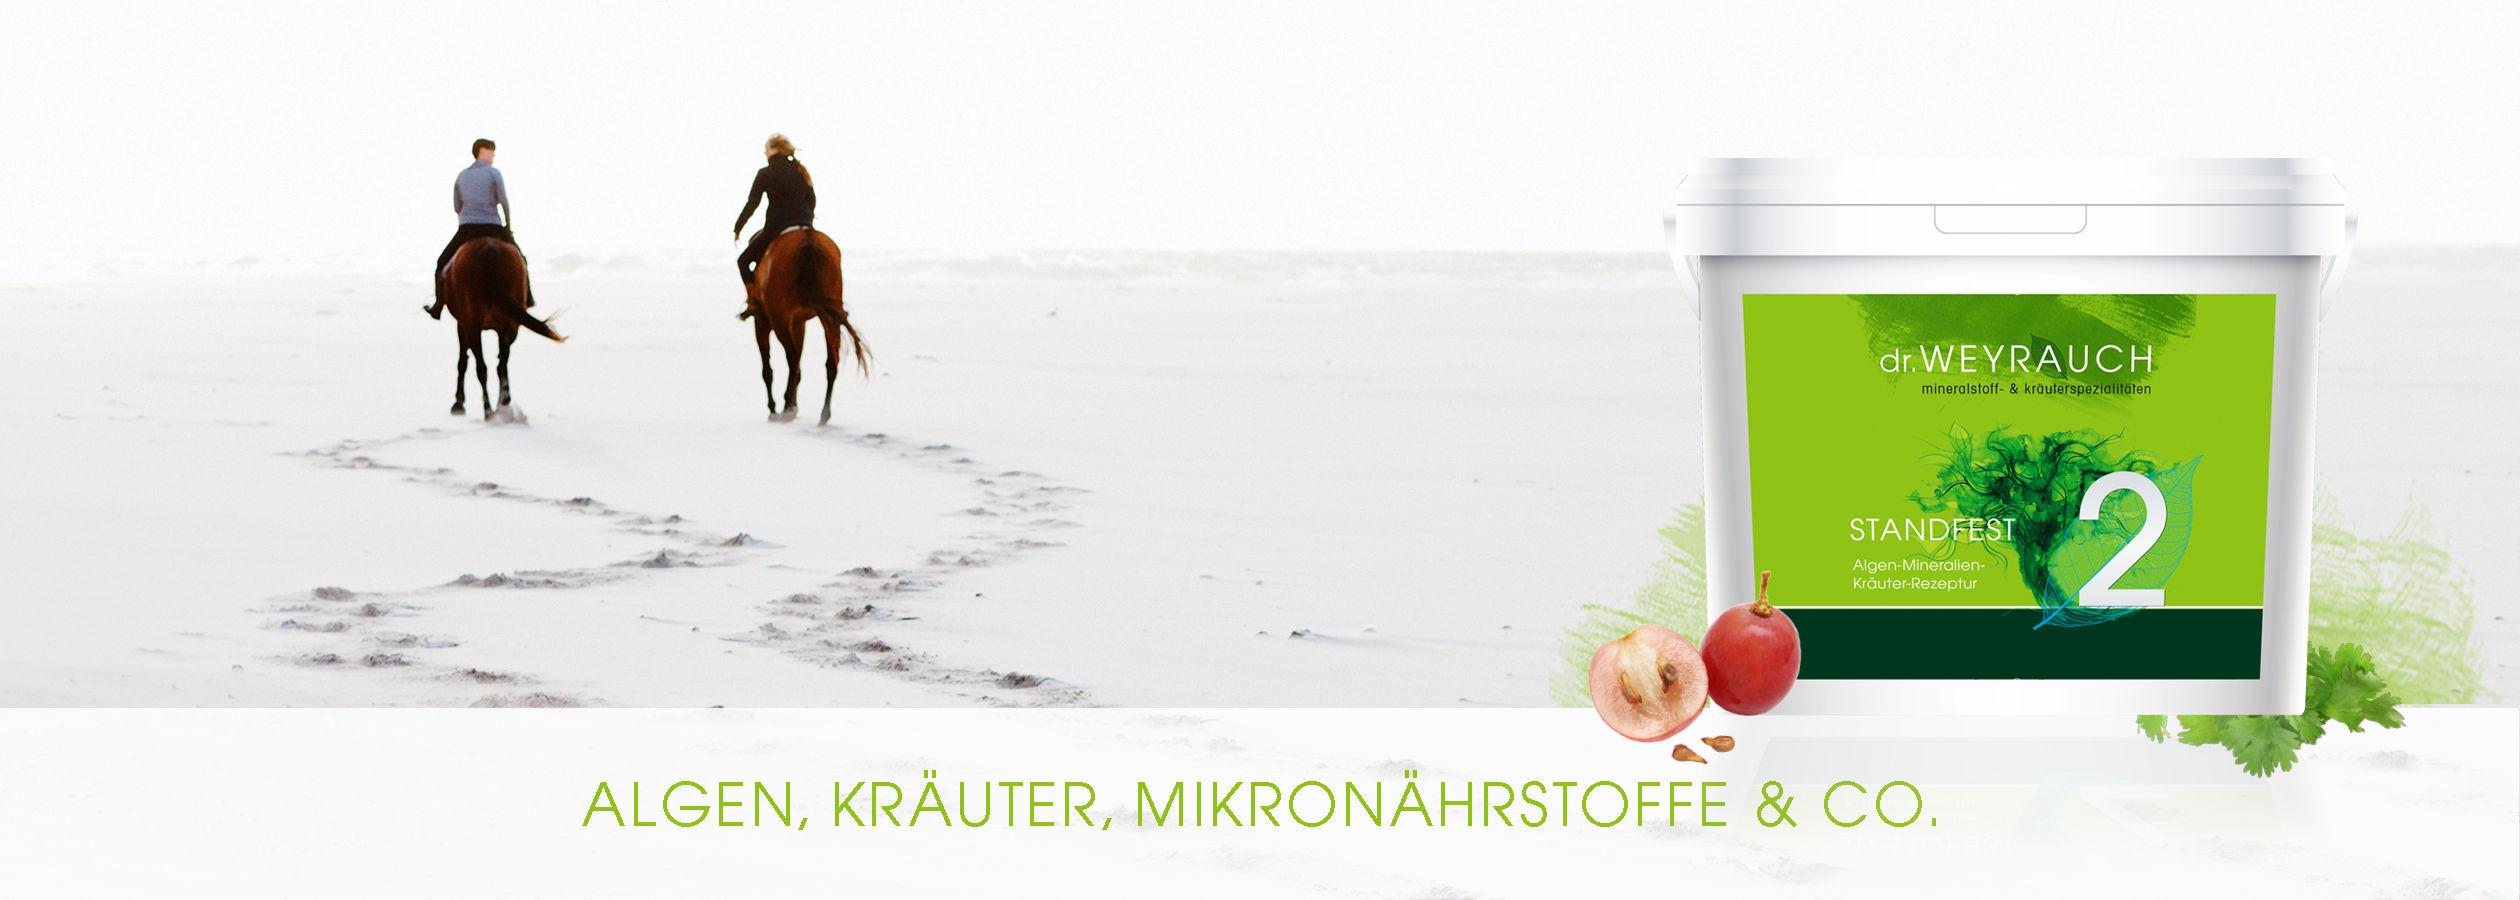 HEADER-2017-Standfest-Pferd